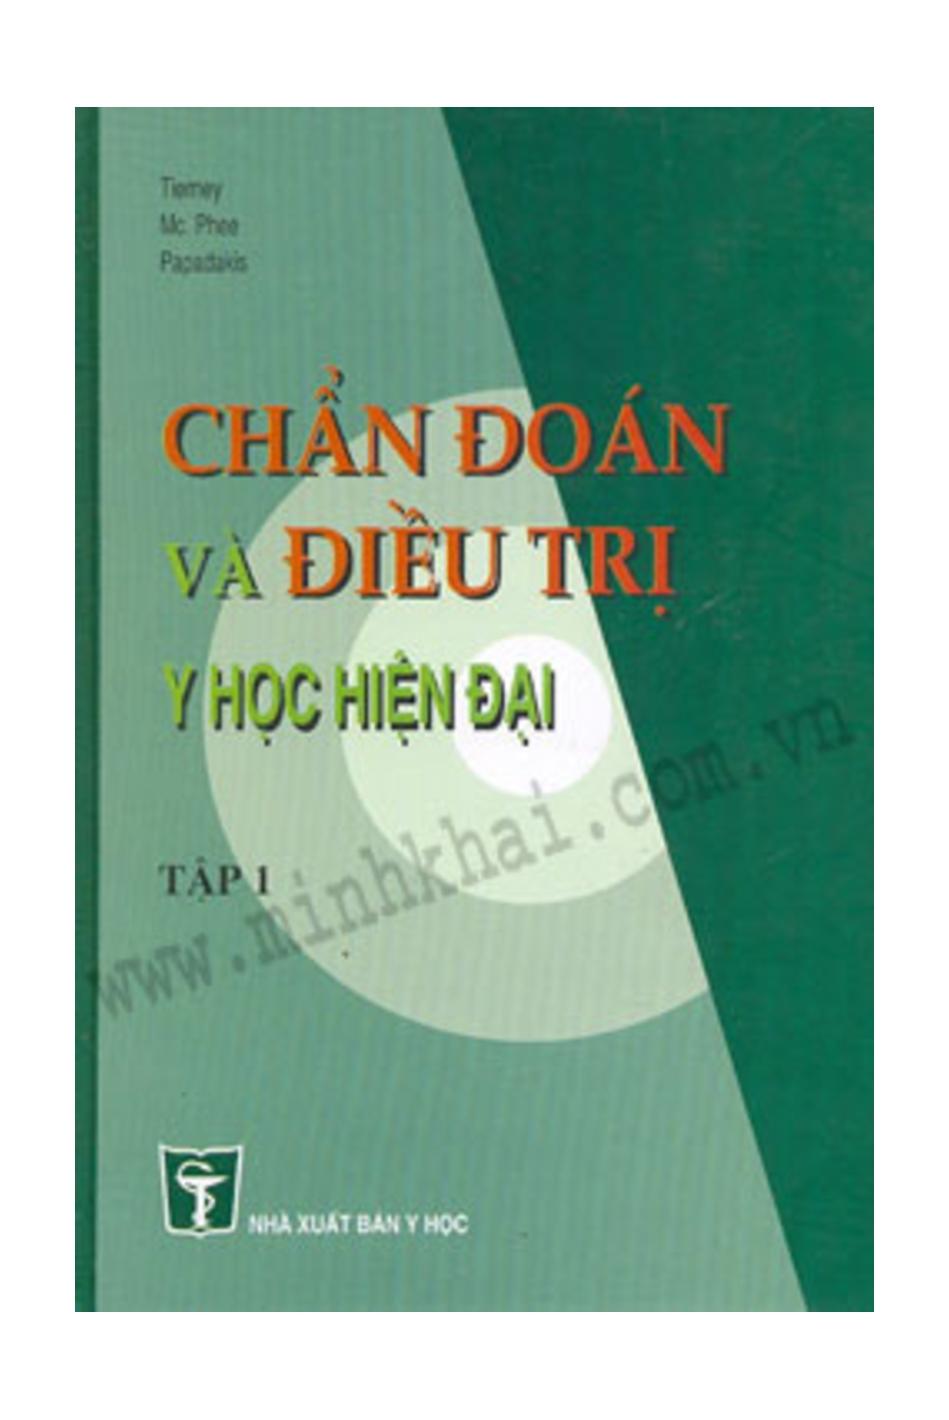 Chẩn đoán và điều trị y học hiện đại (Tập 1)